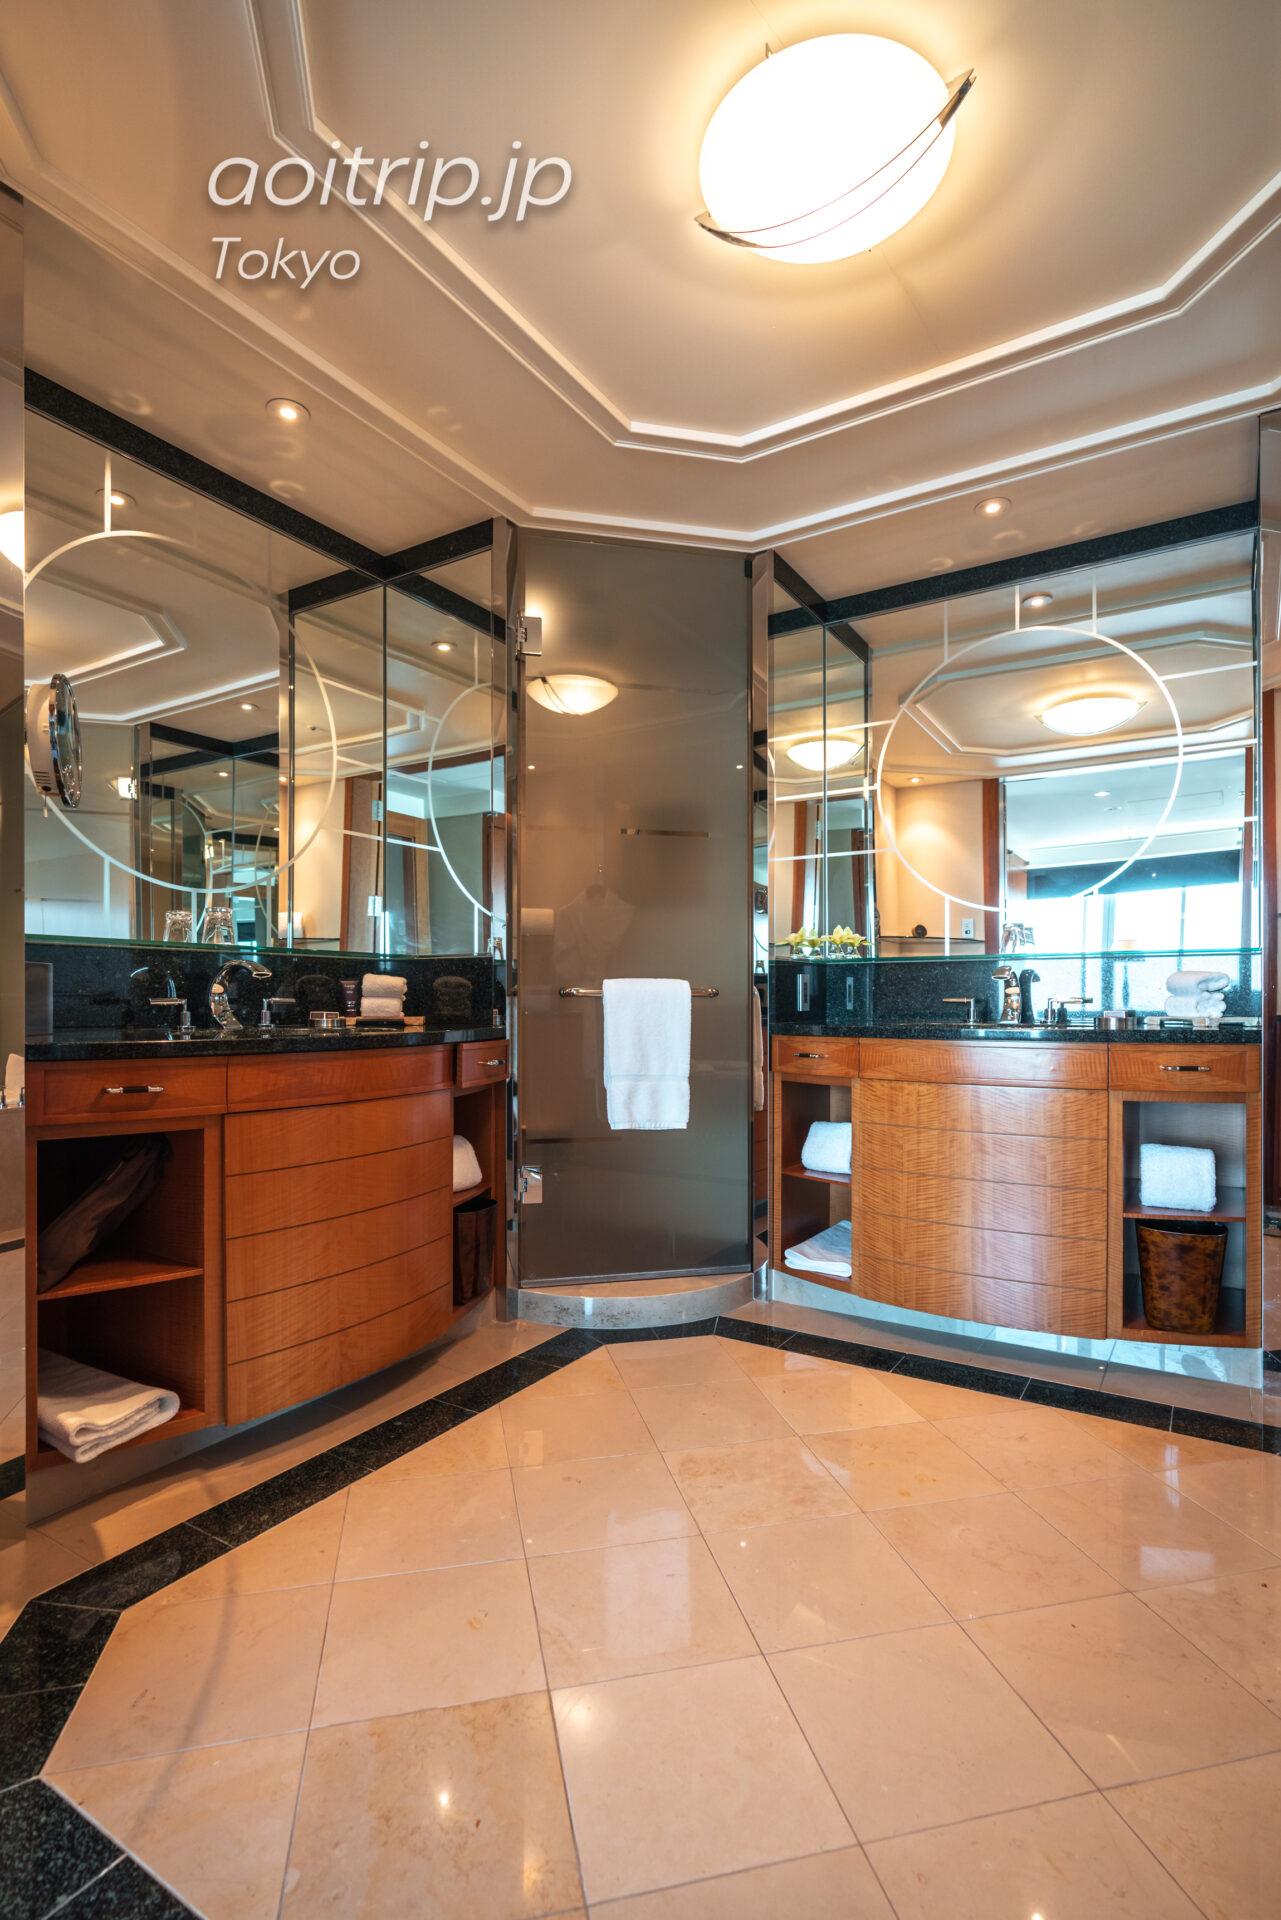 ザ リッツ カールトン東京 スイートルームのバスルーム